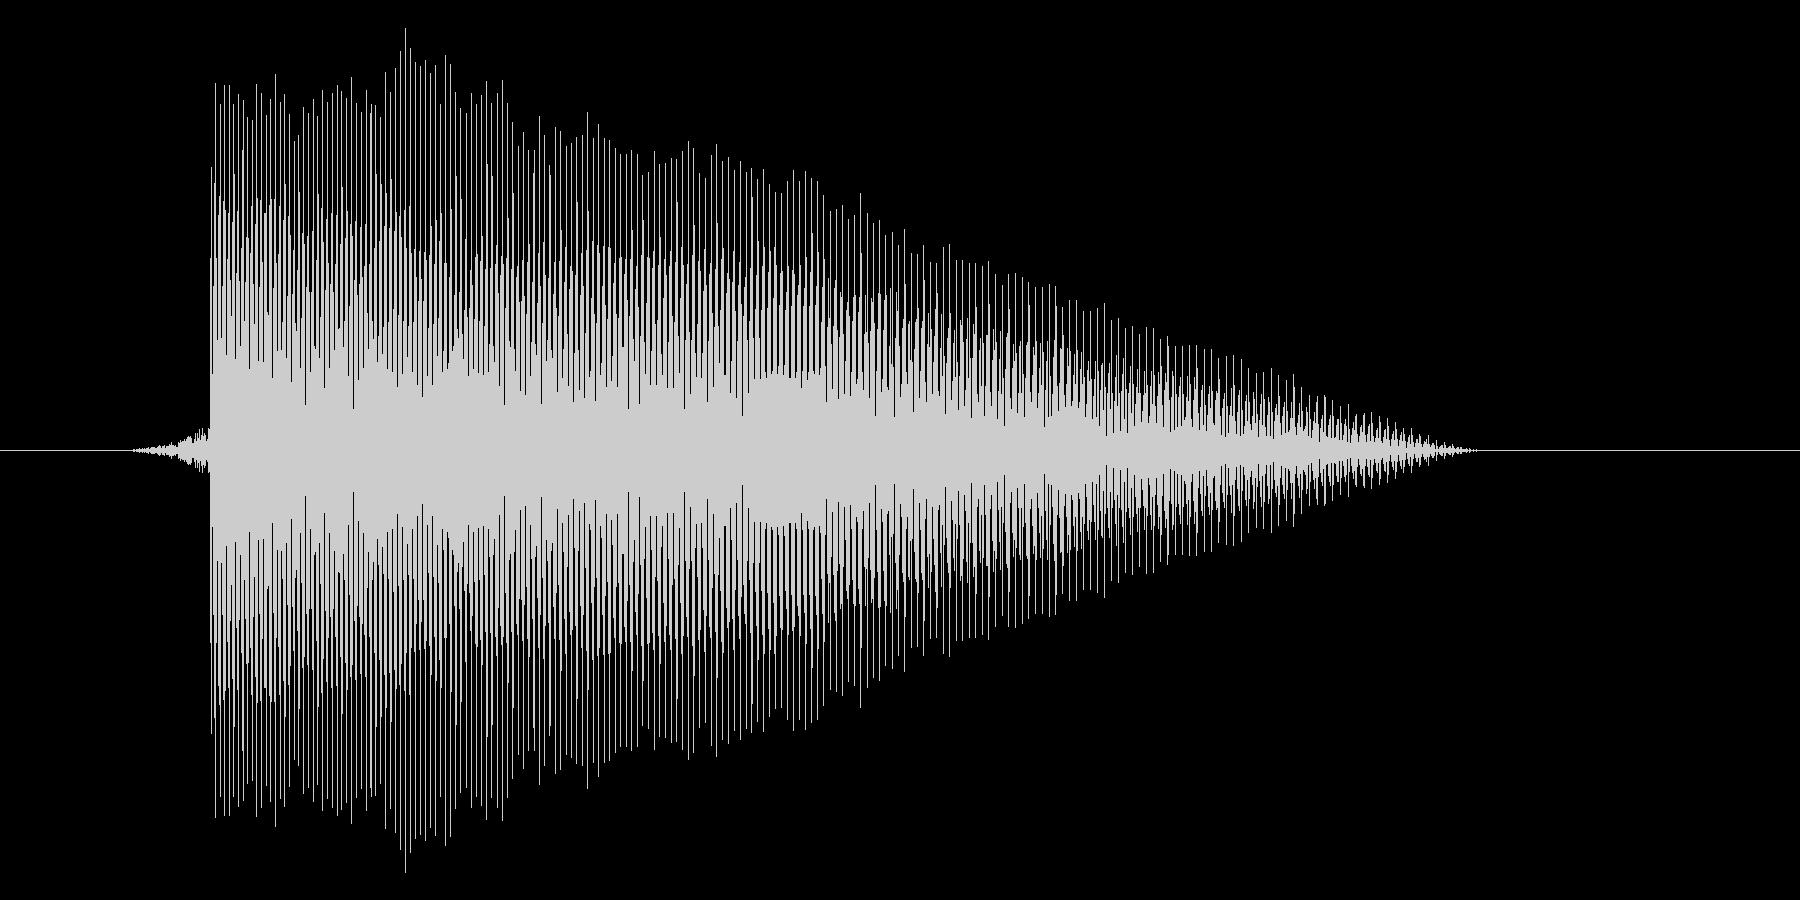 ゲーム(ファミコン風)レーザー音_019の未再生の波形